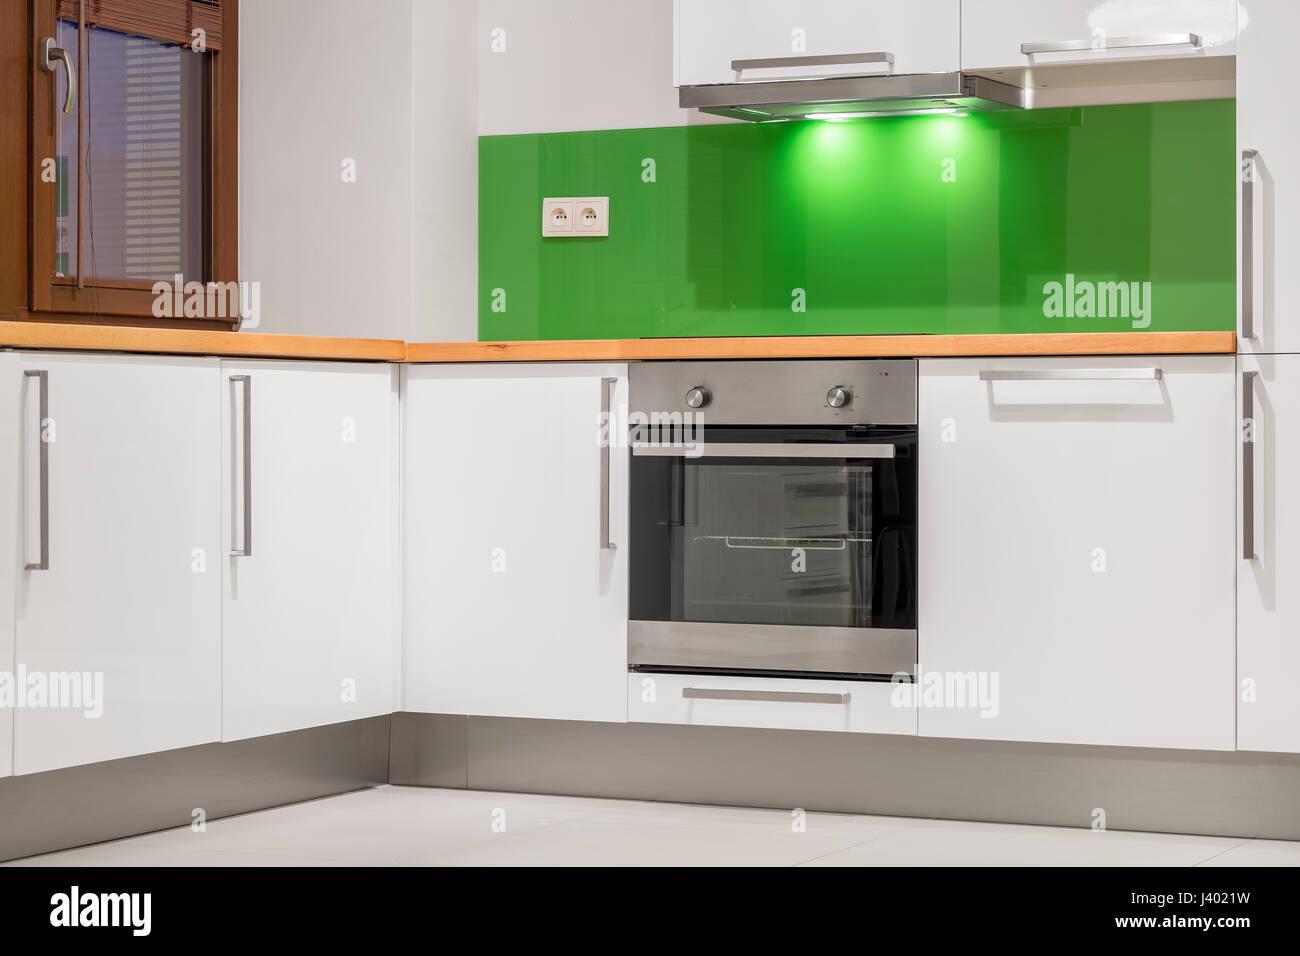 Kleine Küche Mit Grünen Wand, Holz Arbeitsplatte, Weiße Möbel Und  Eingebauten Herd